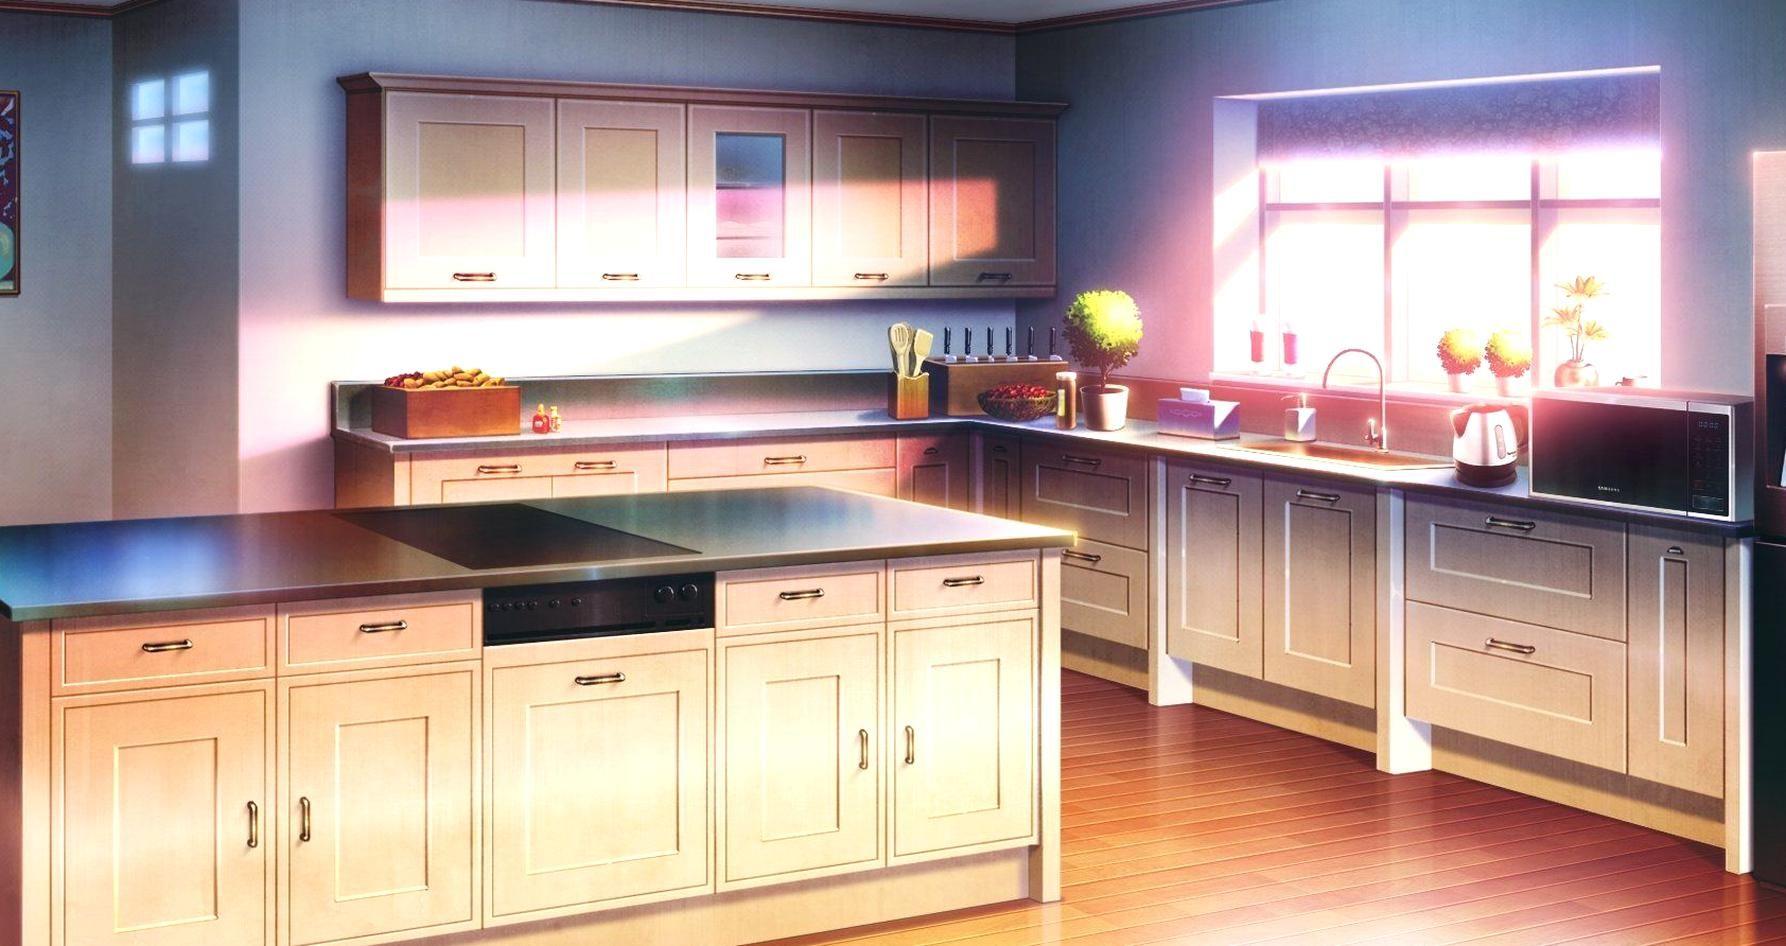 Cozinha Anime Kitchen Cabinets Home Decor Kitchen